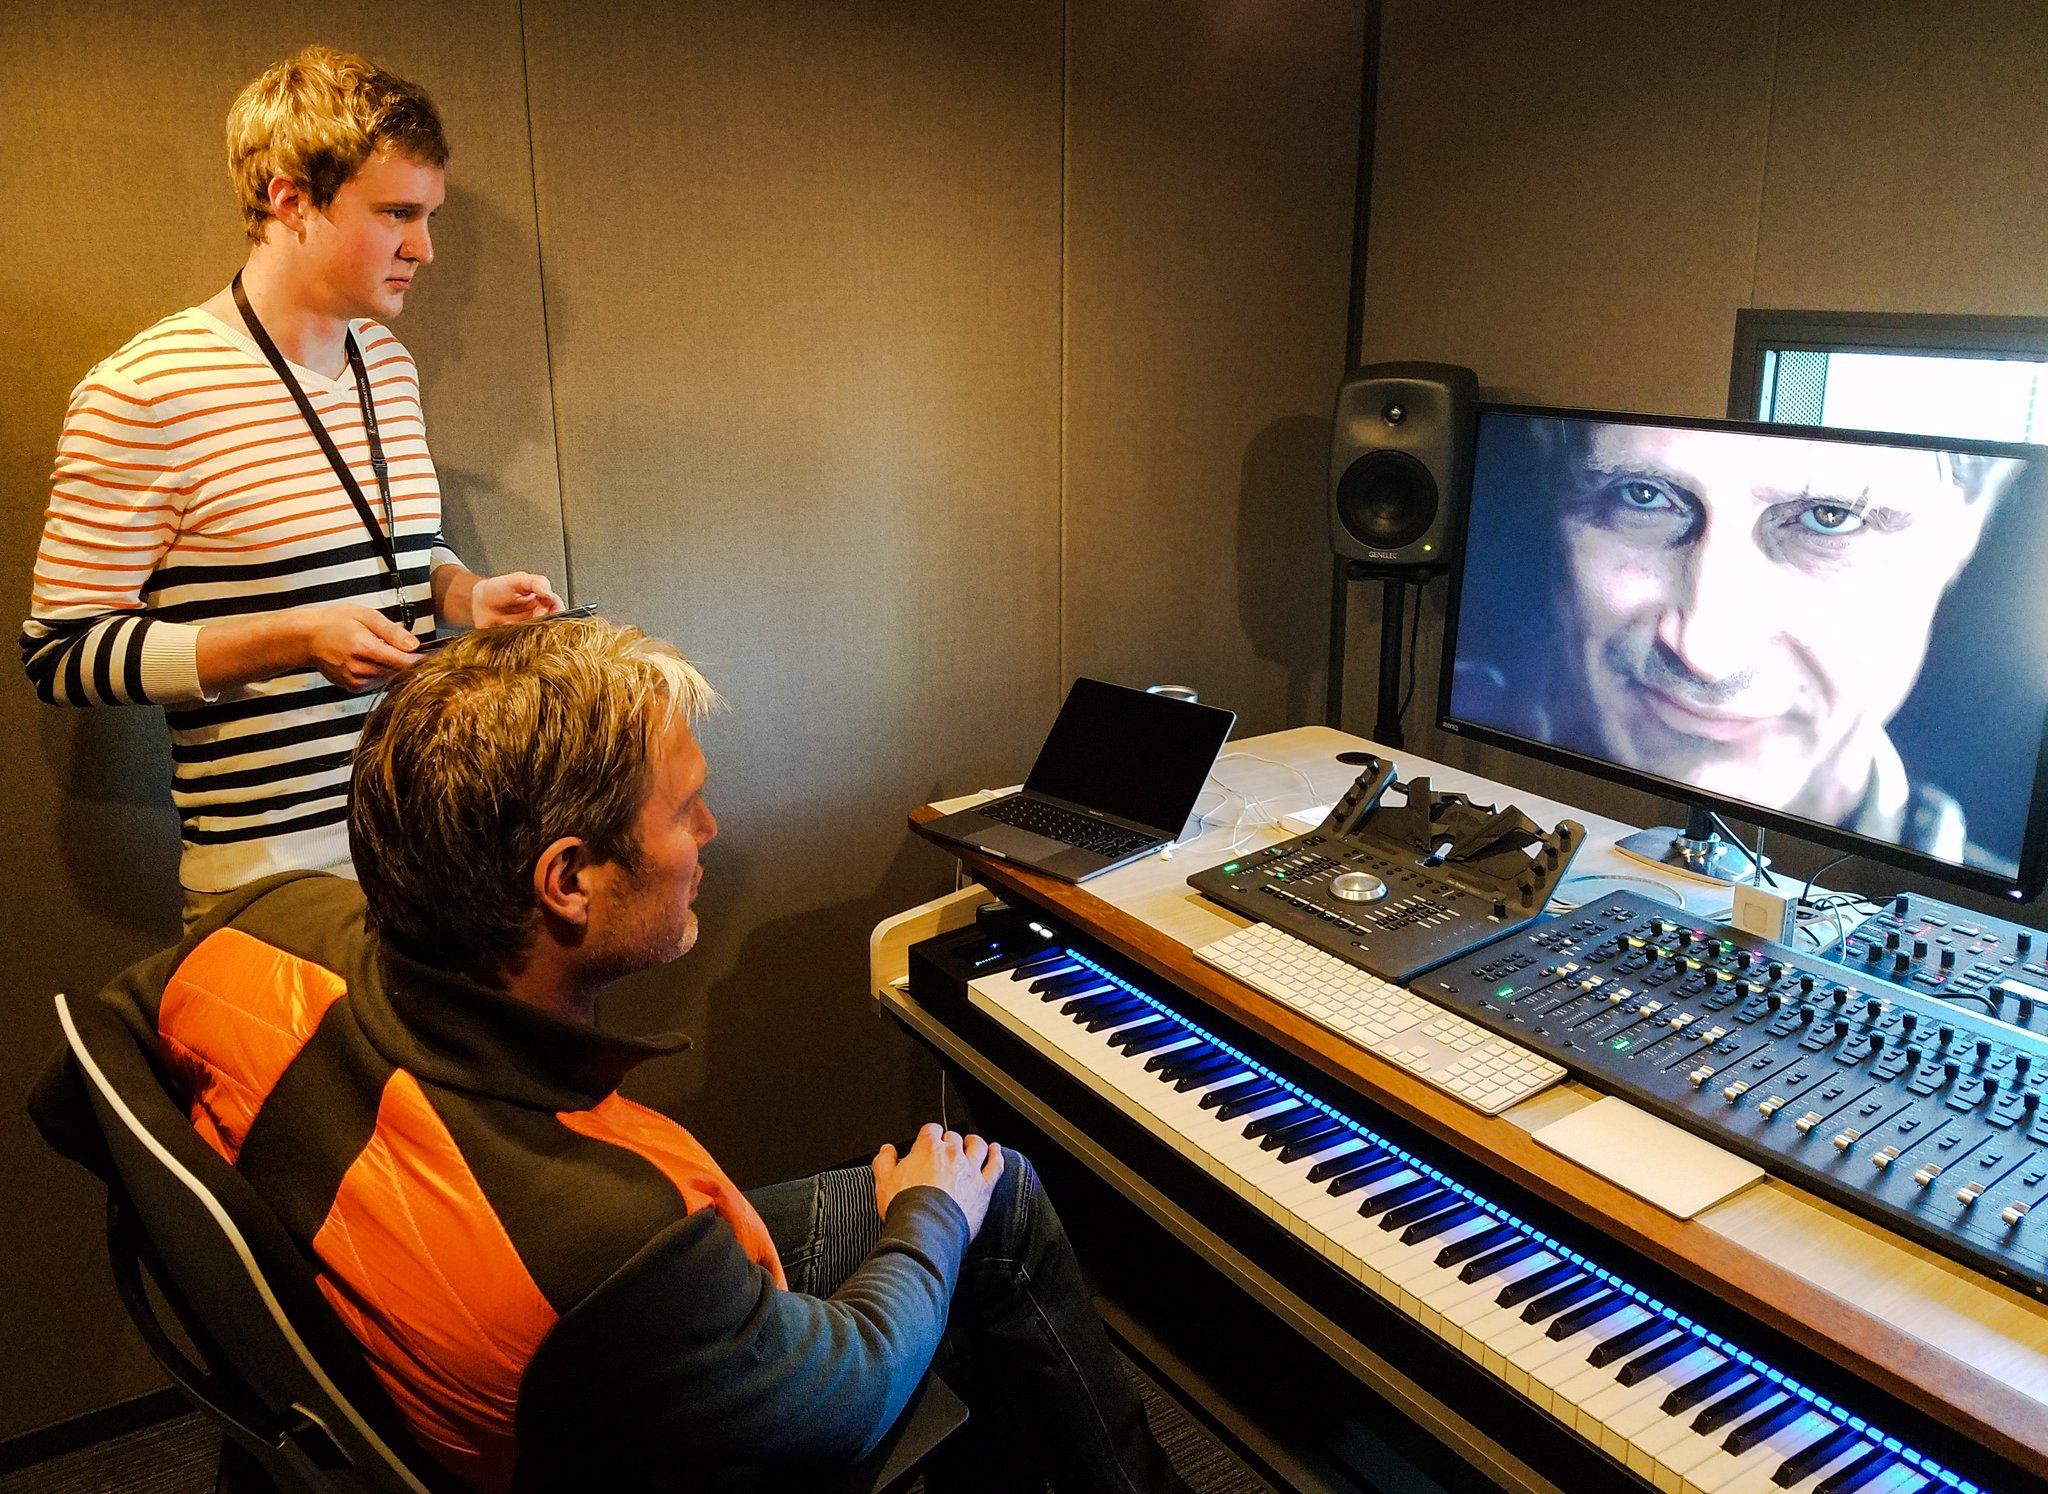 Ludvig Forssell et Mads Mikkelsen chez Kojima Productions, le 25 janvier 2017